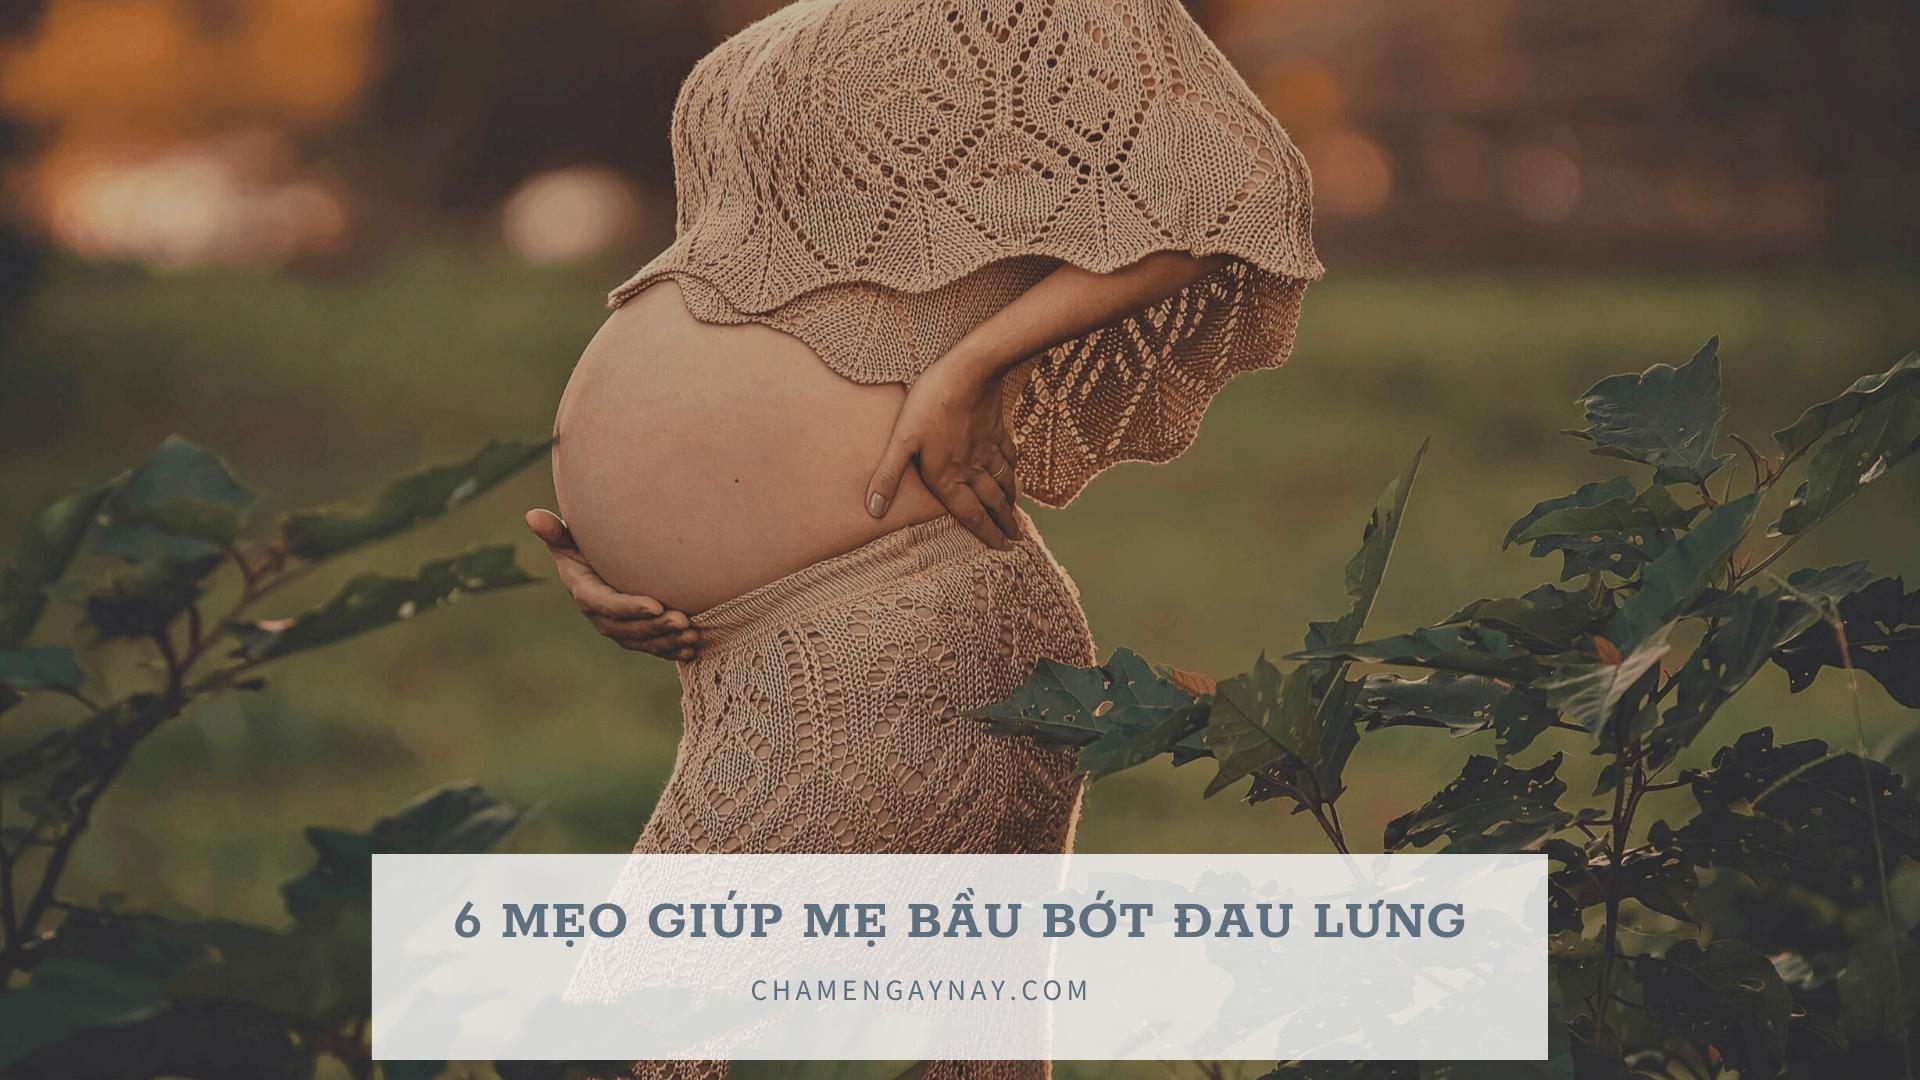 Giúp mẹ bầu bớt đau lưng